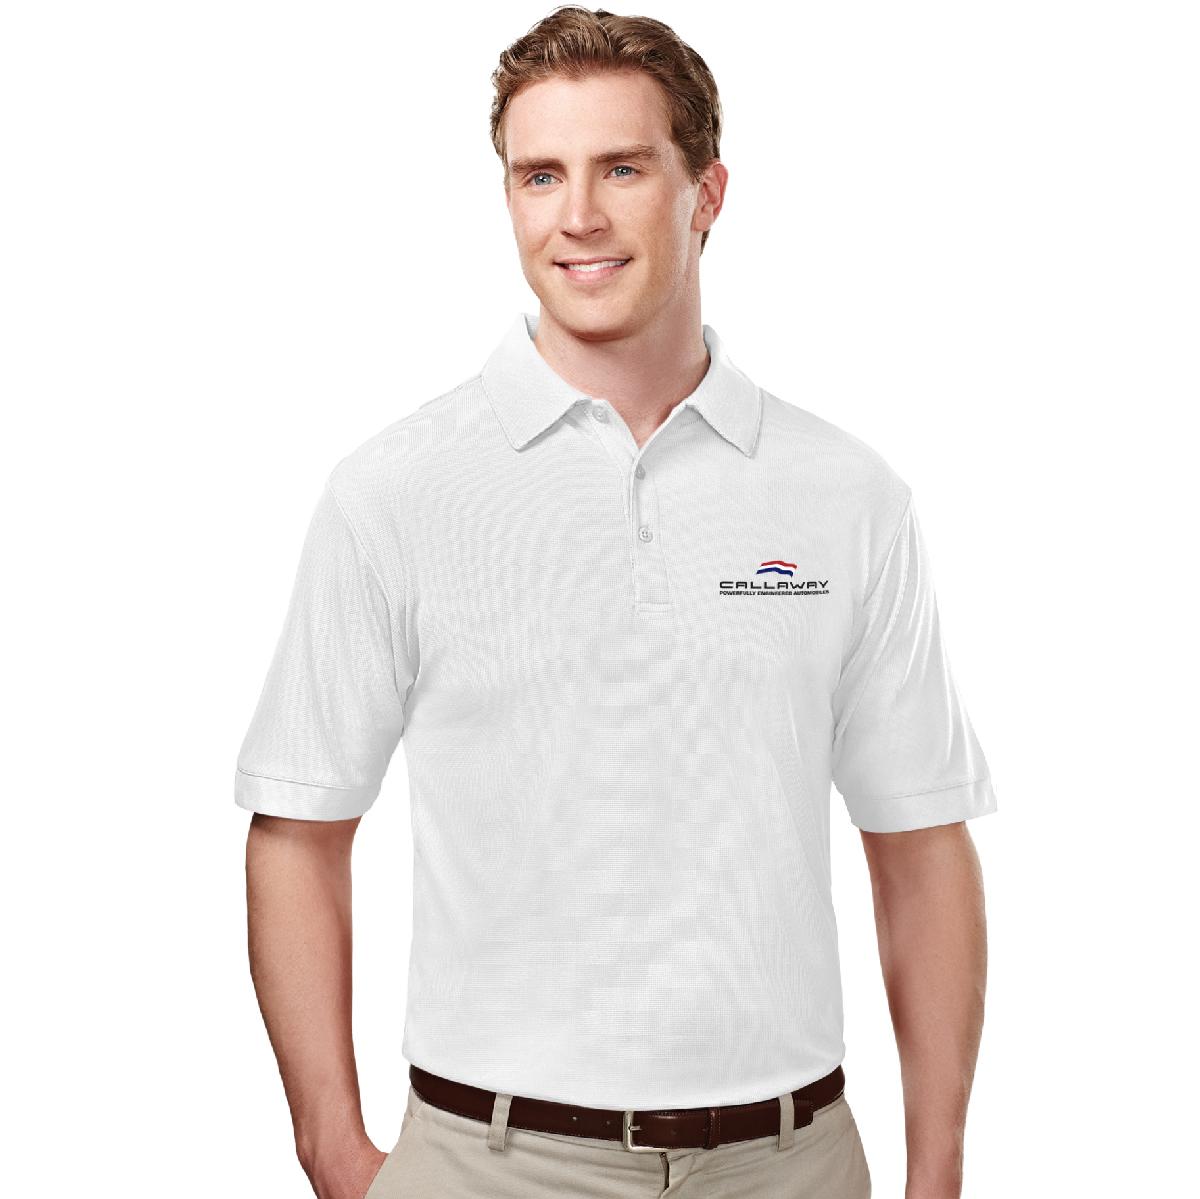 Callaway Cars Polo Shirt, White